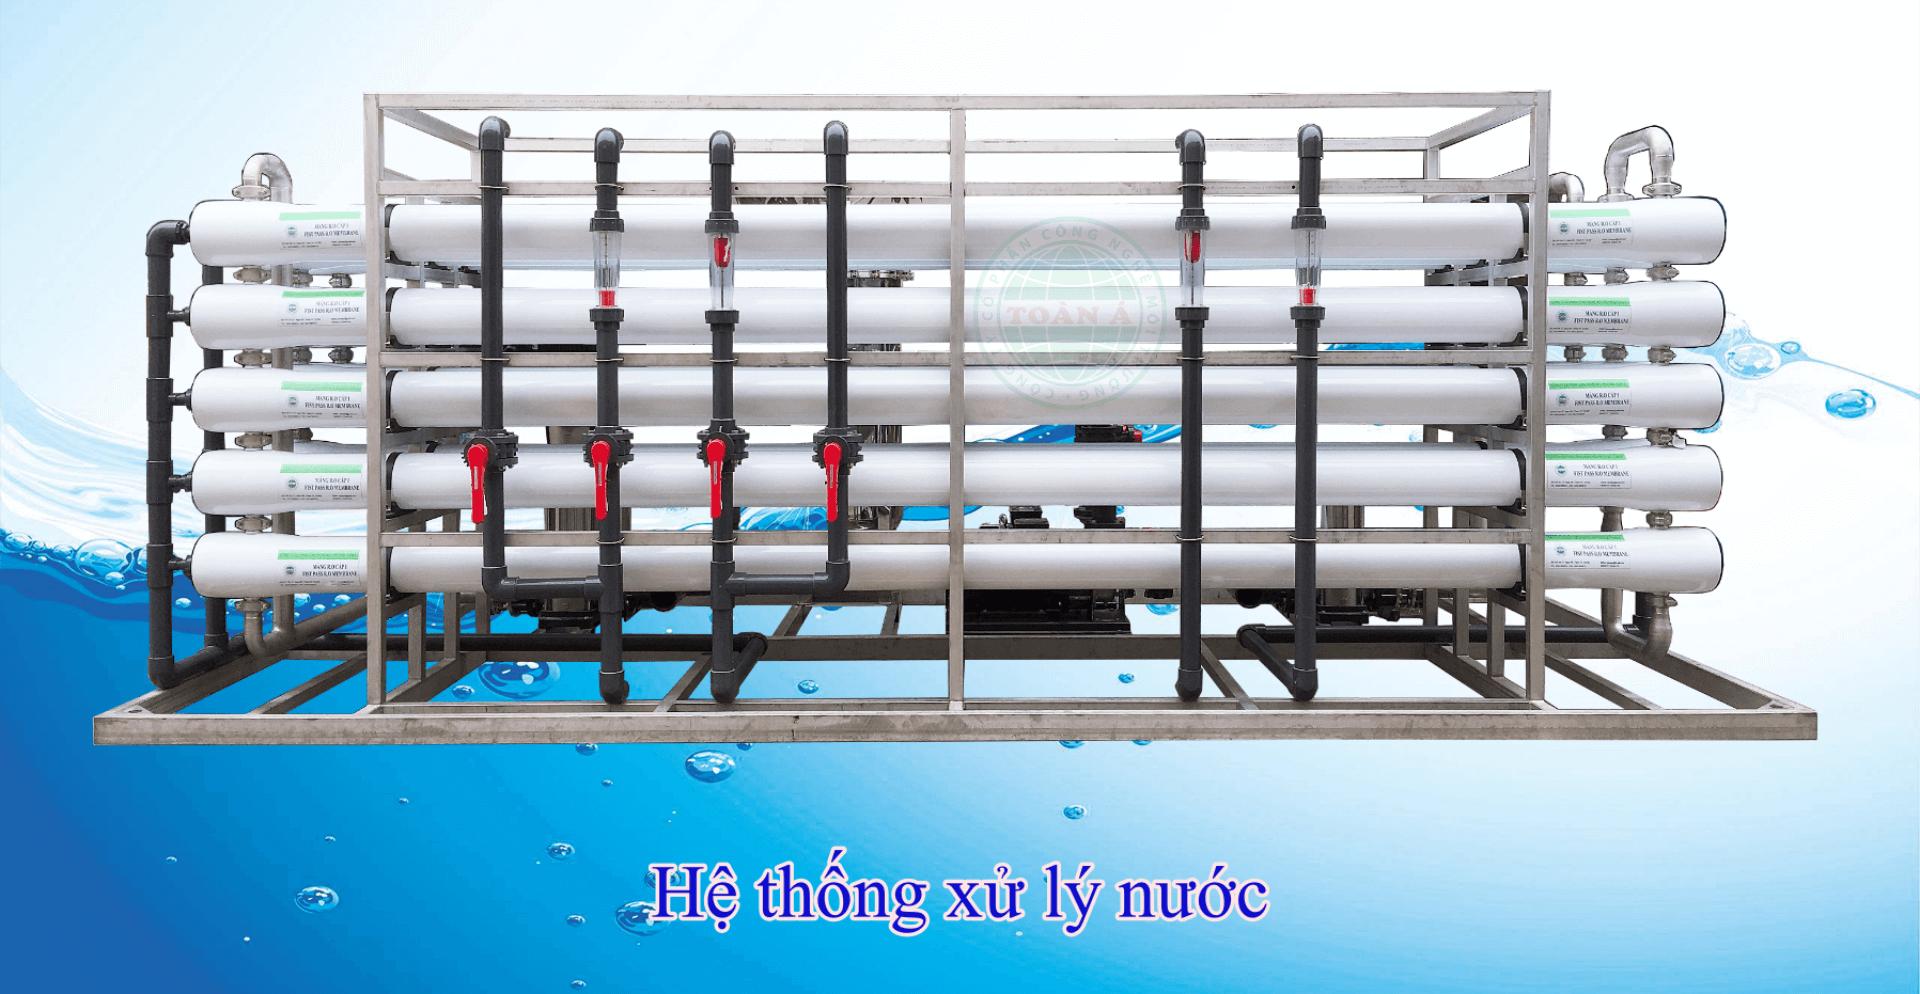 Xử lý nước tinh khiết công nghệ RO của công ty Toàn Á